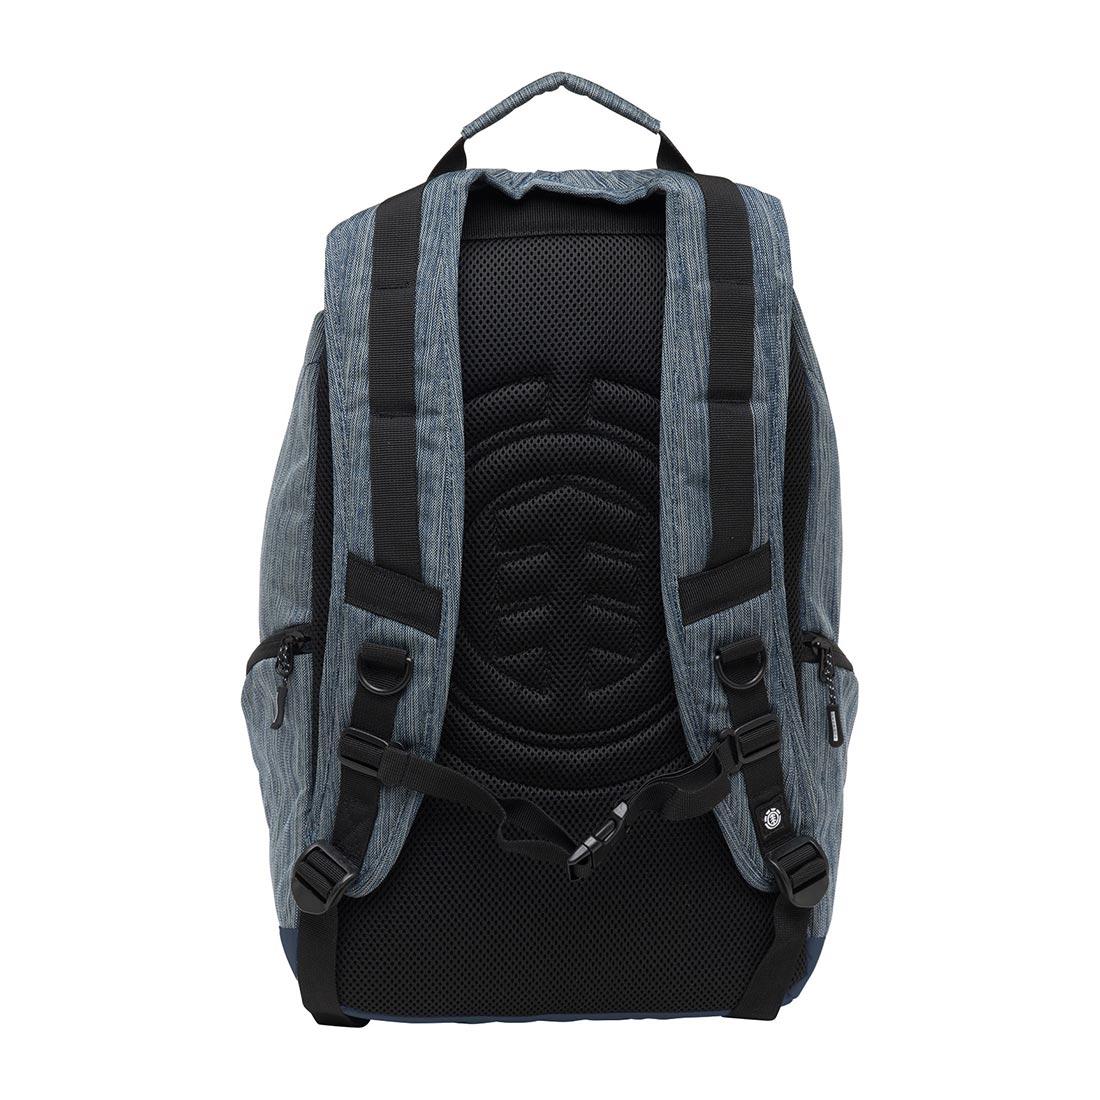 Element Mohave Backpack 30L - Indigo Melange